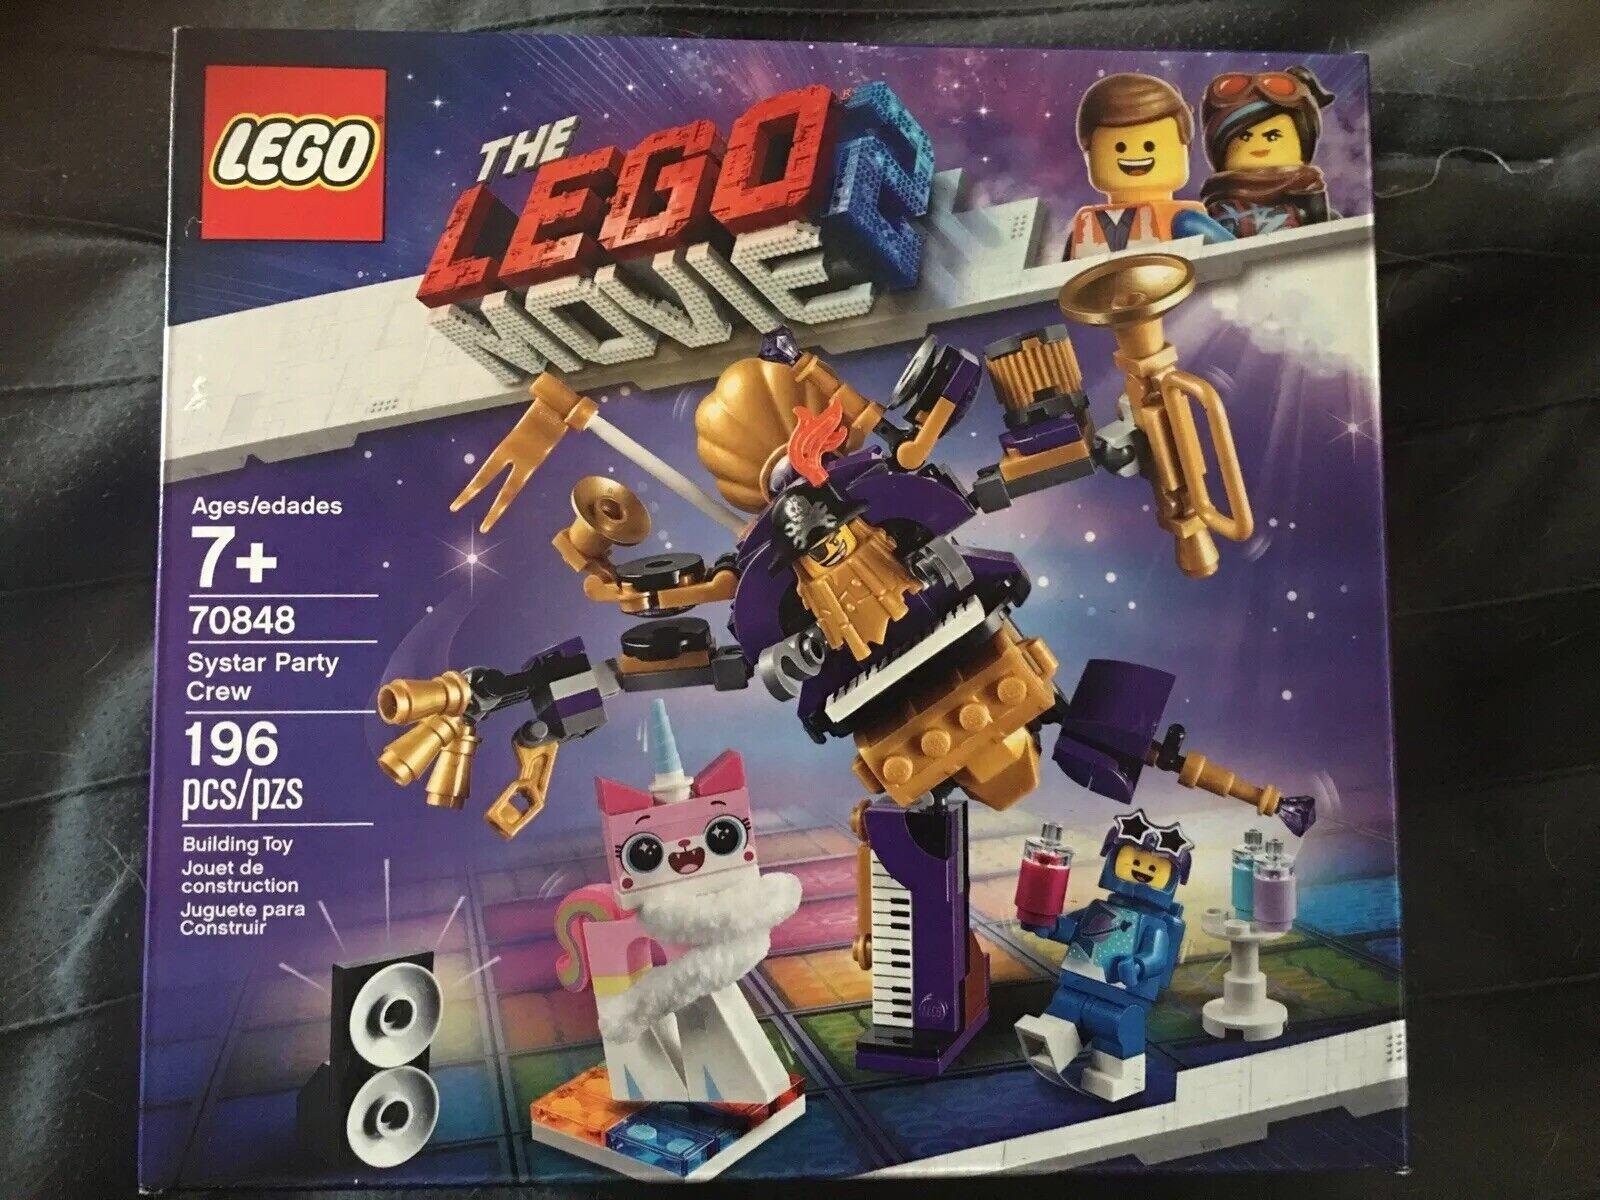 Lego la película 2 syEstrella Fiesta Crew 70848 Envío Gratis-envío Inmediato